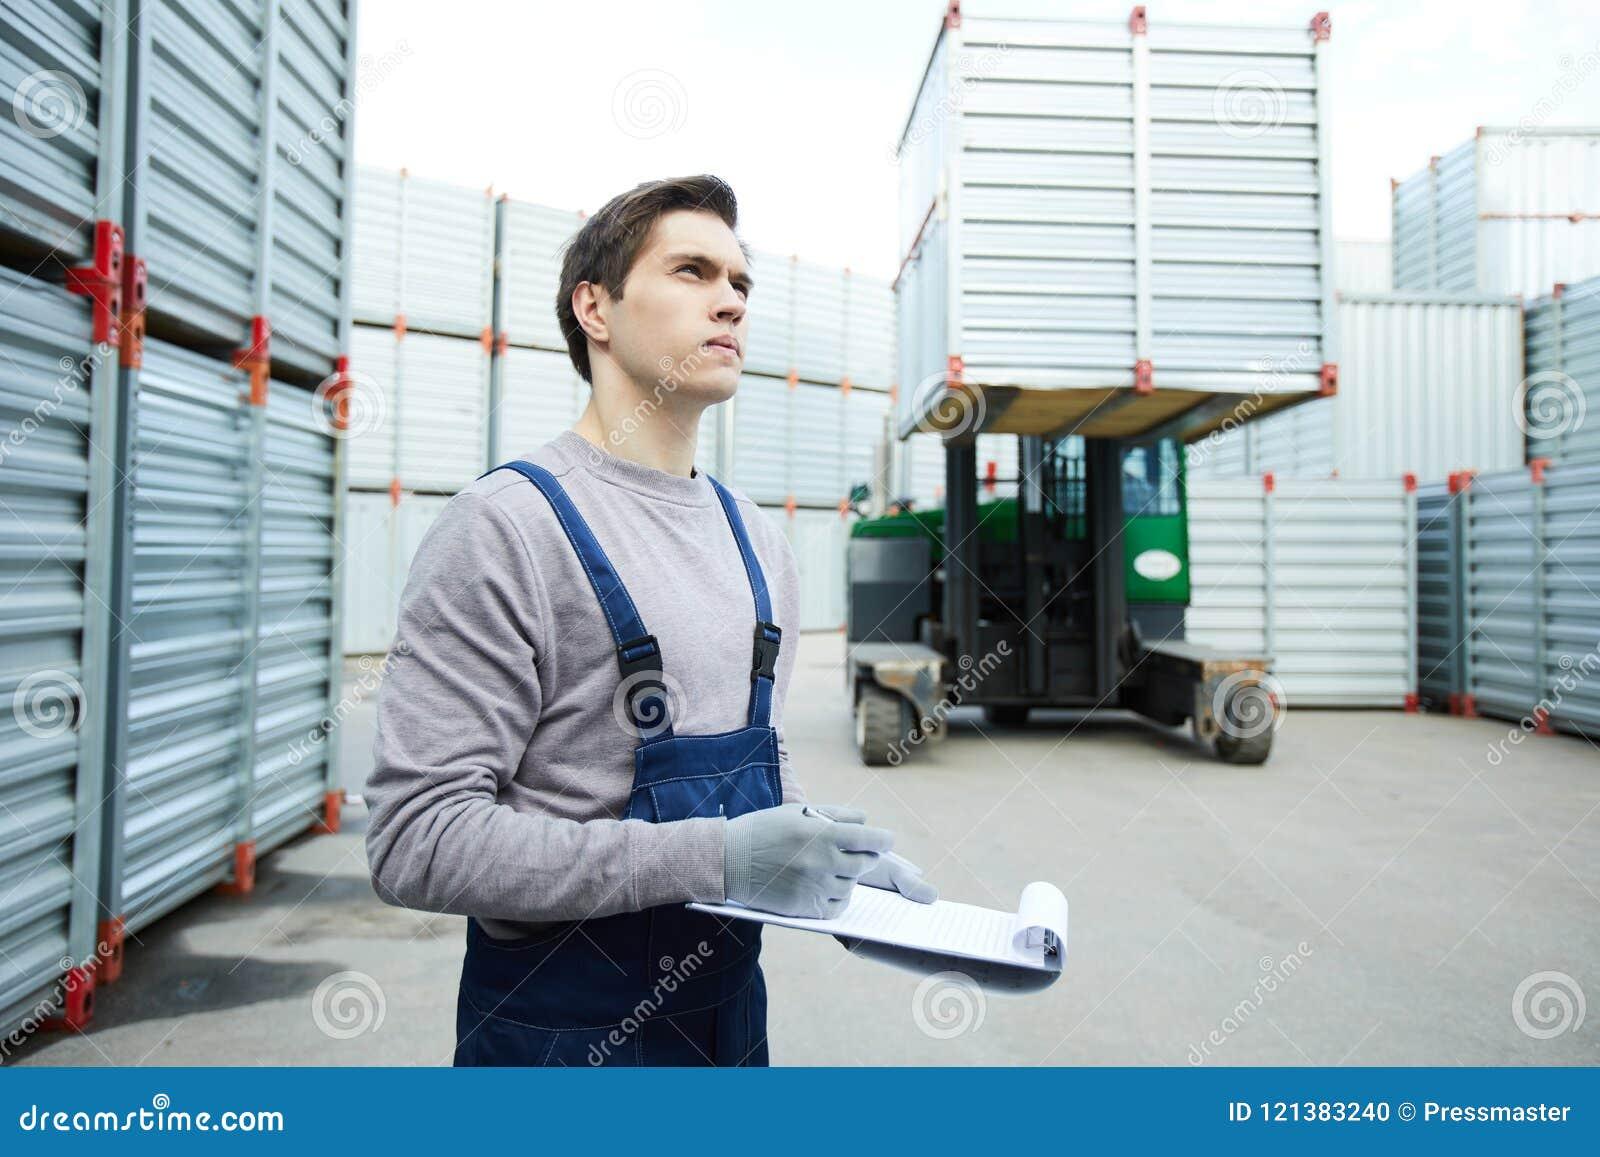 De geconcentreerde controlerende lading van de opslagarbeider